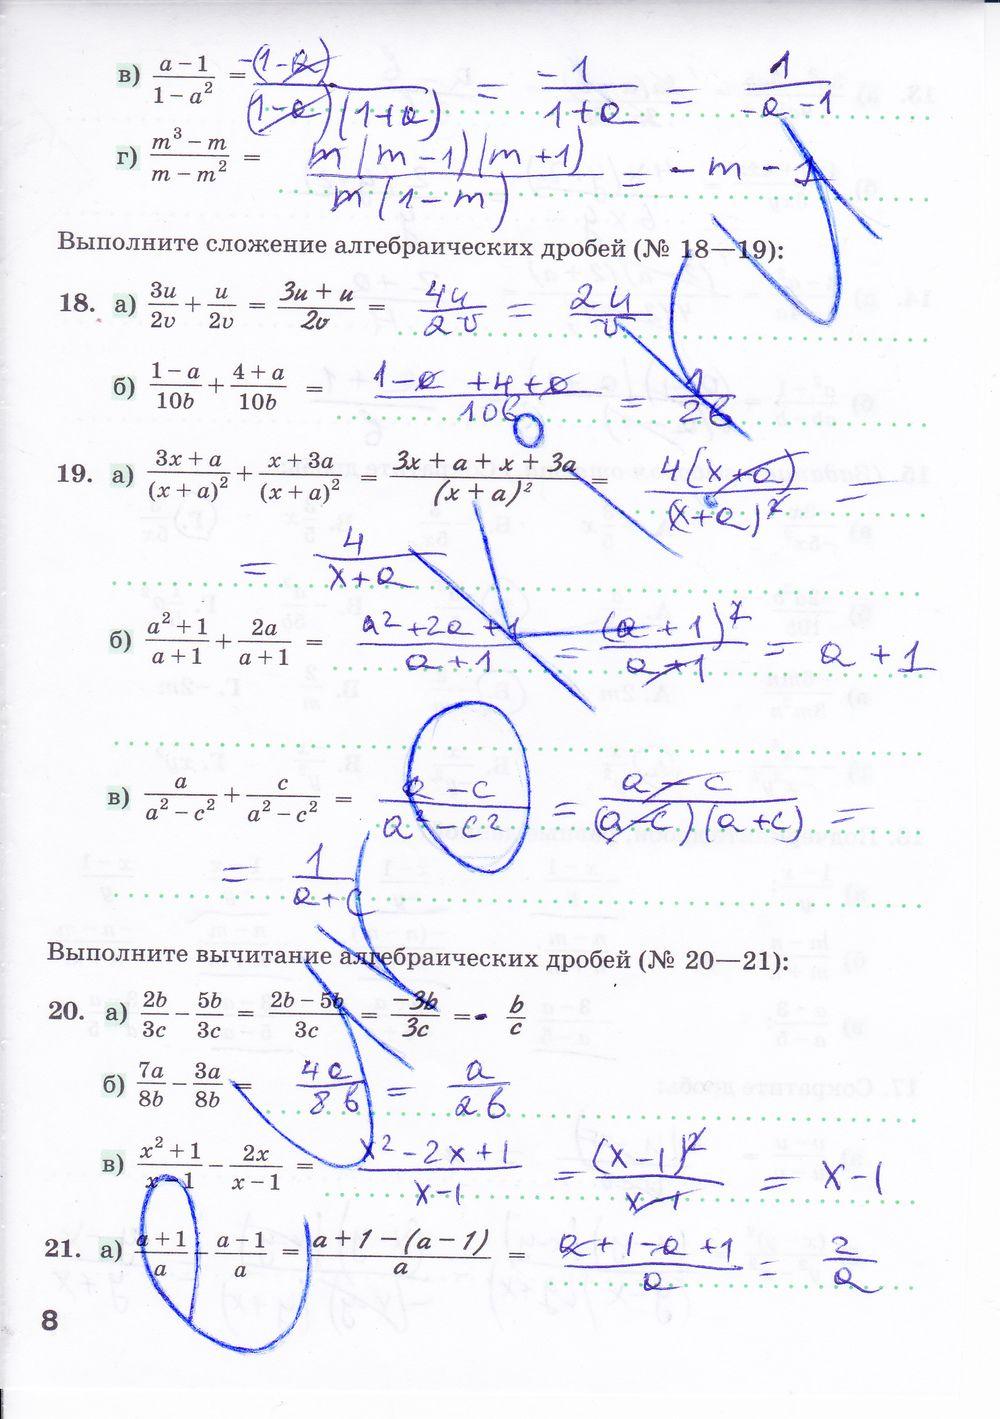 Алгебра рабочая тетрадь 7 класс ответы слайд шоу бесплатно